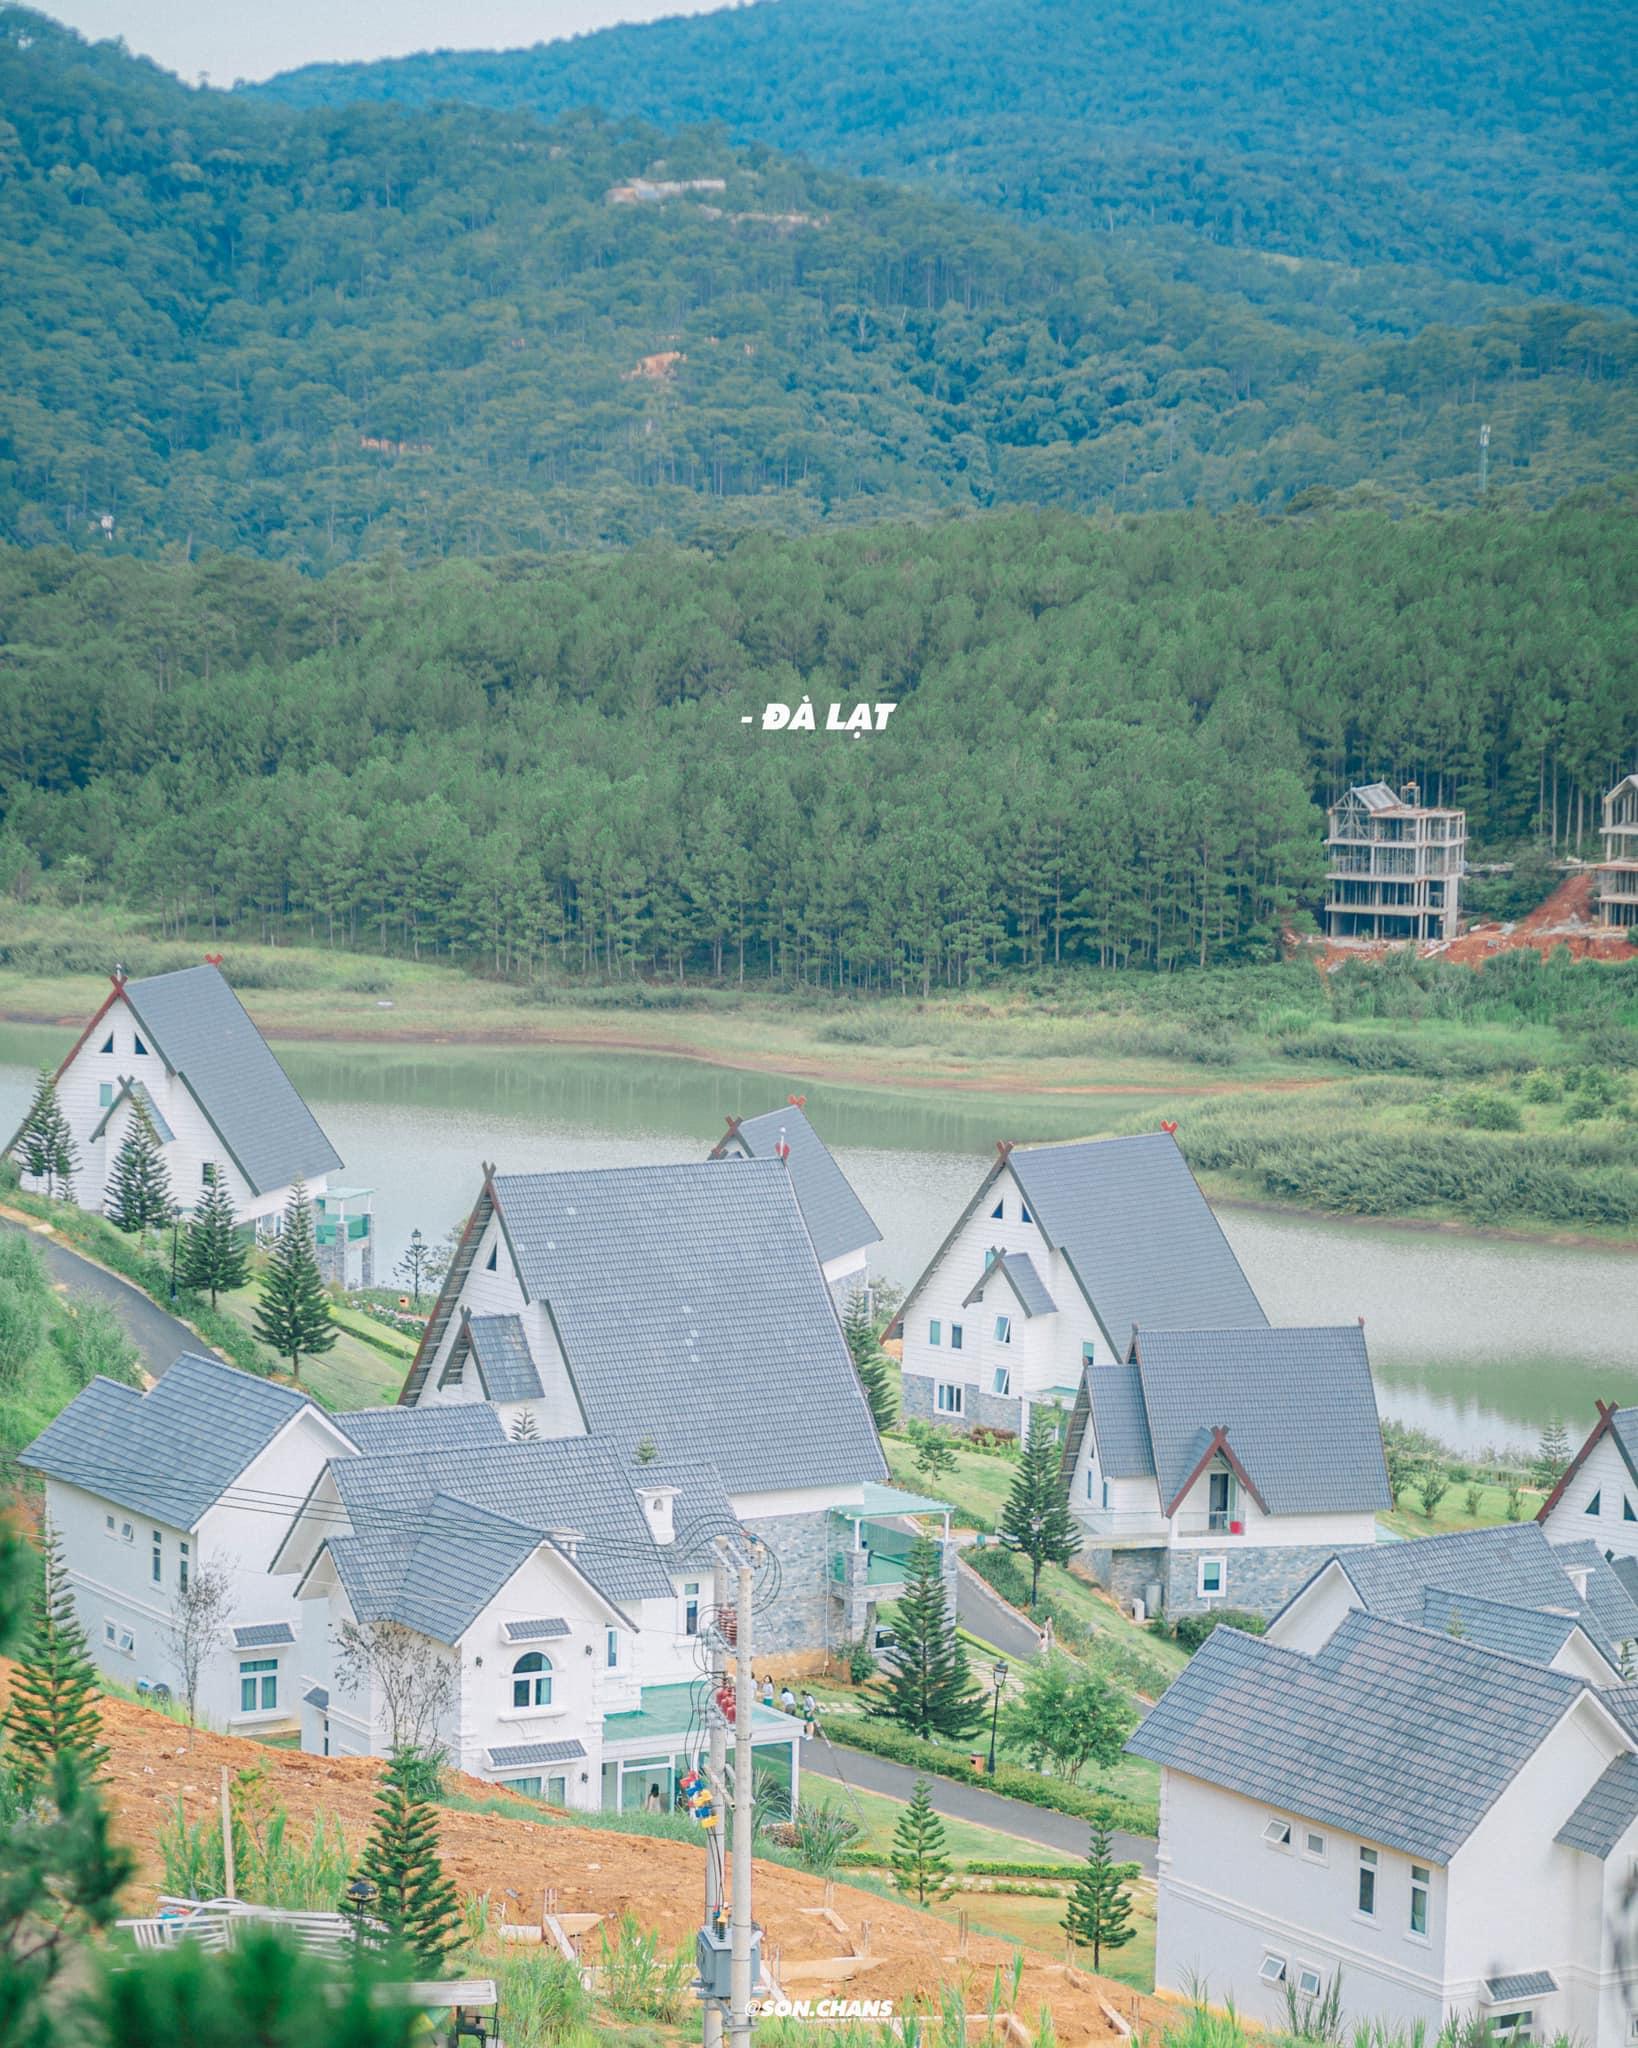 Khám phá lịch sử Đà Lạt - tìm về miền đất ngập tràn sắc hoa nơi phố núi  - Ảnh 2.